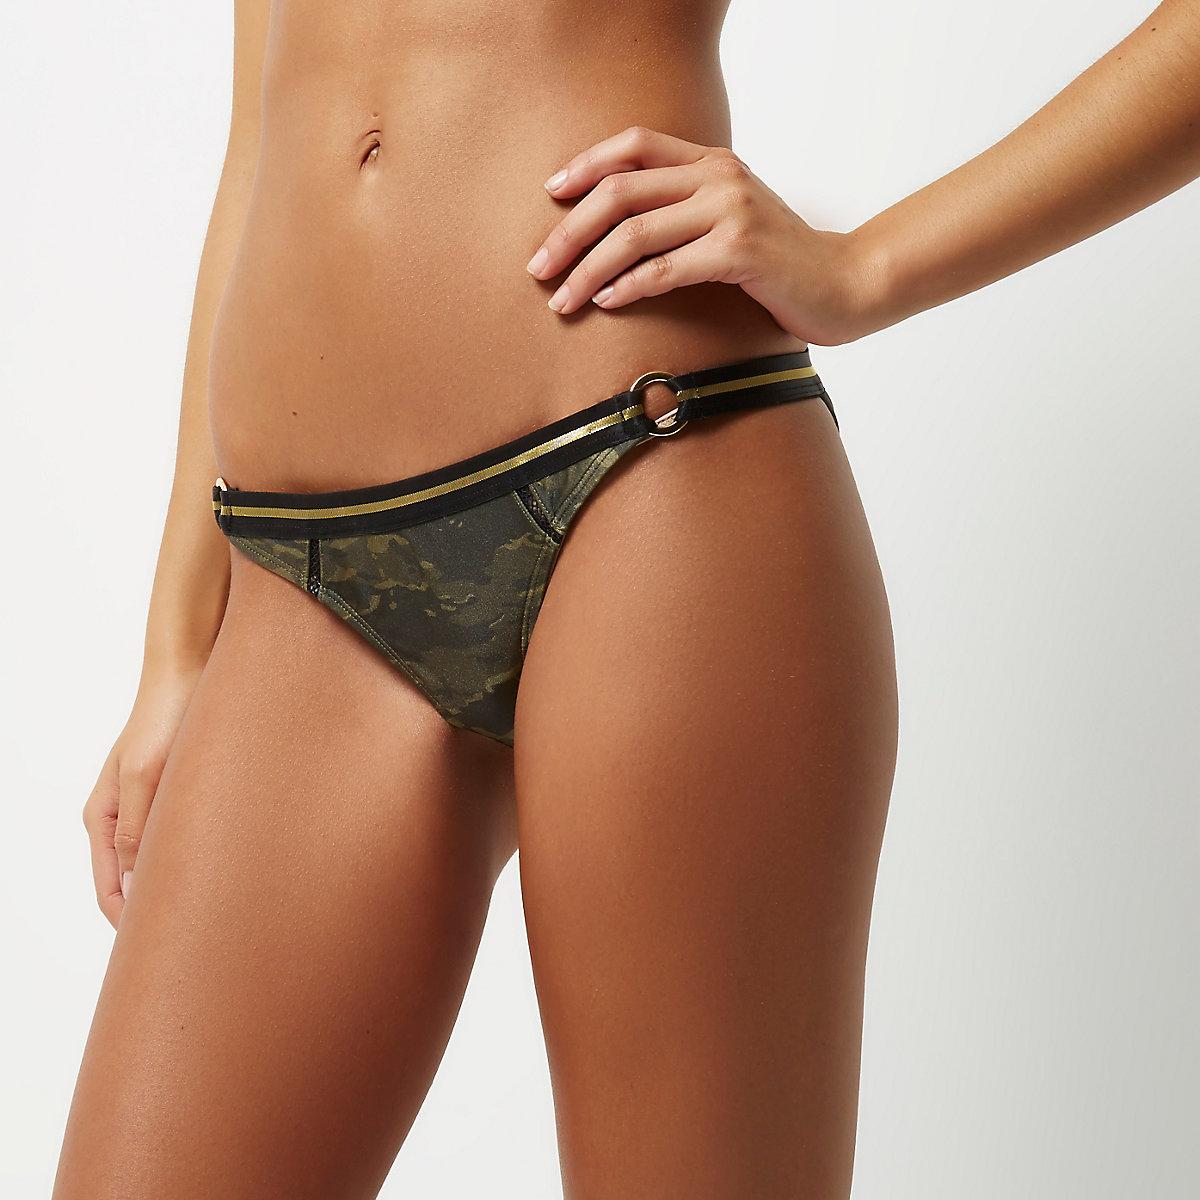 Green camo bikini bottoms